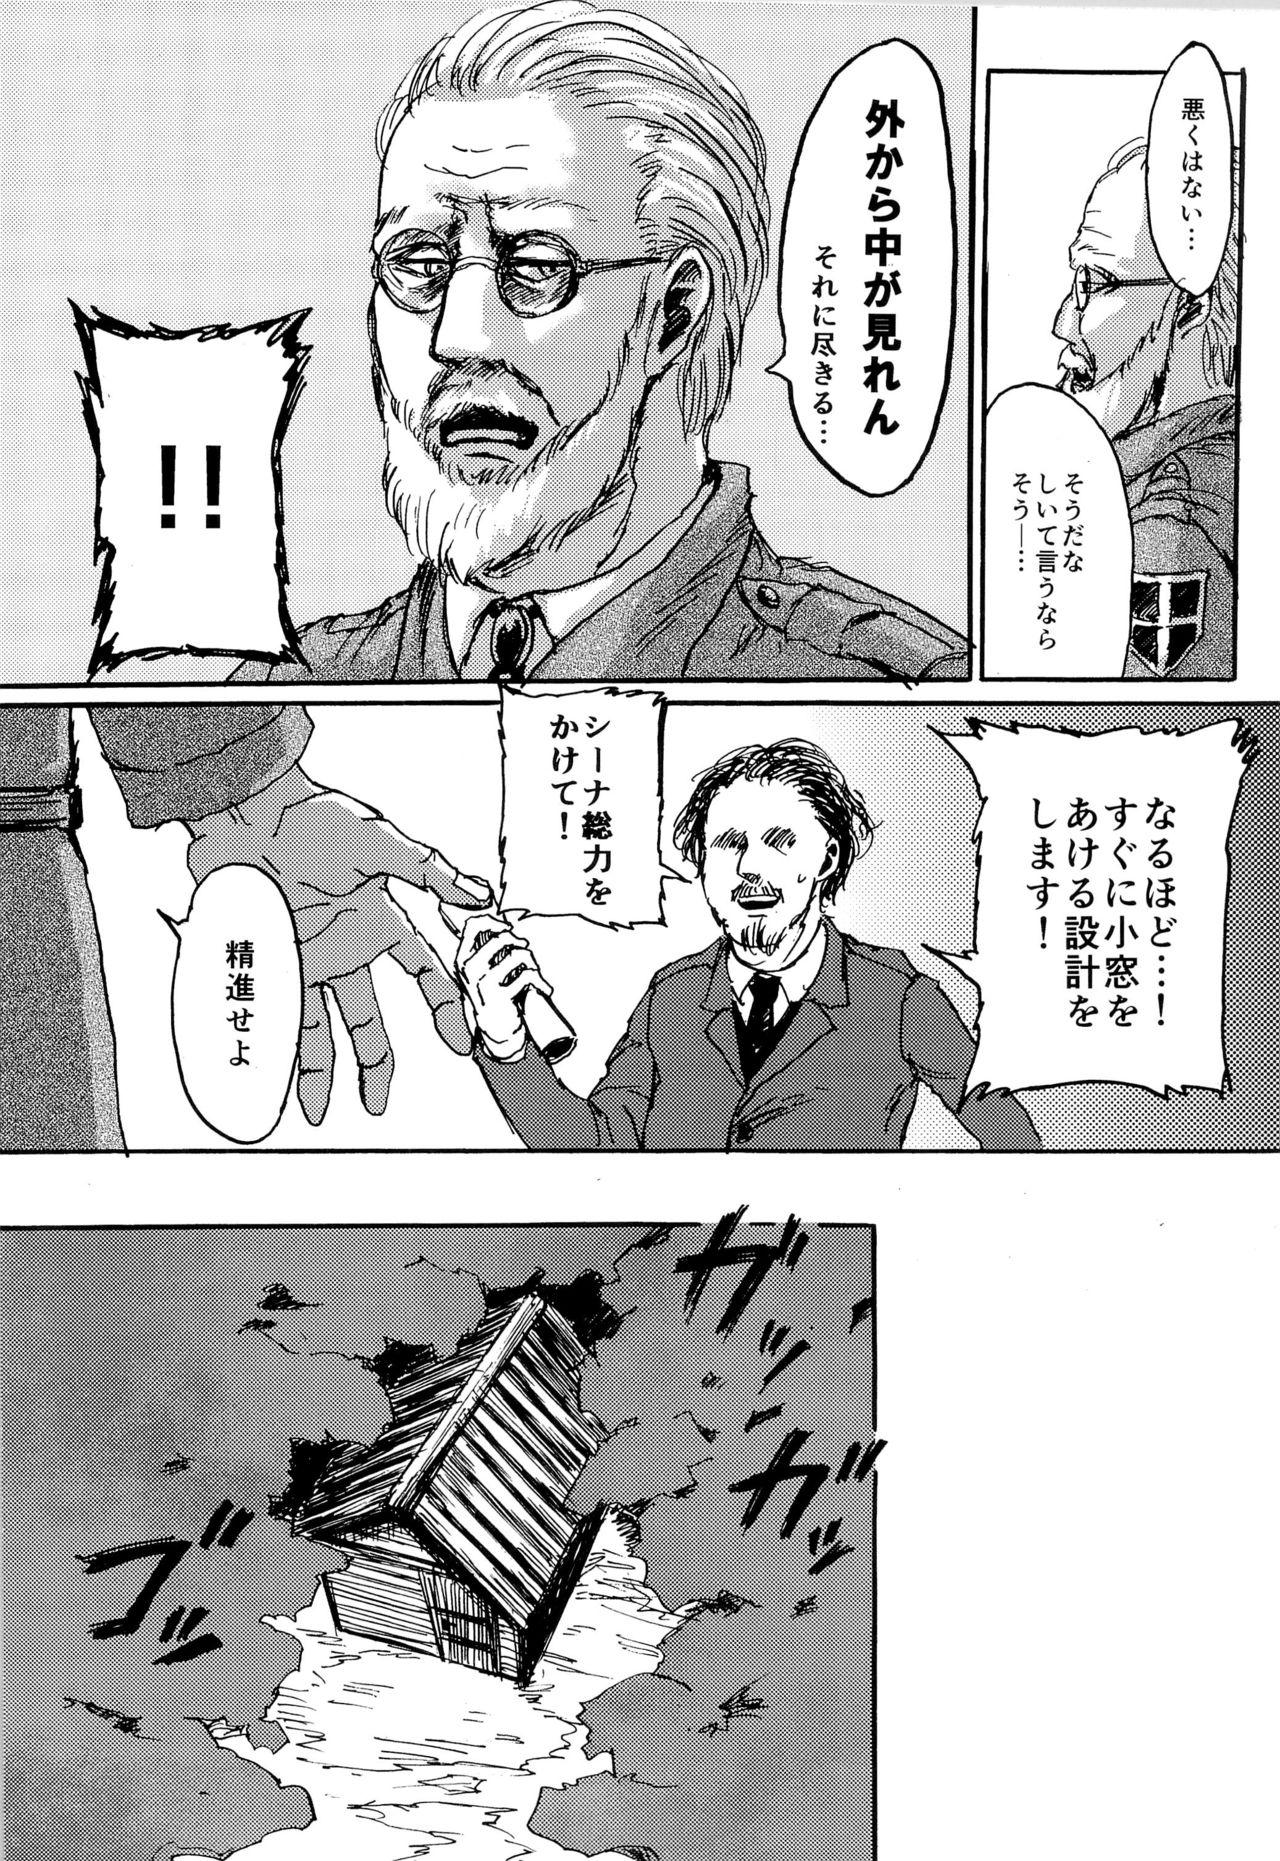 MobEre no xx Shinai to Derarenai Heya 7